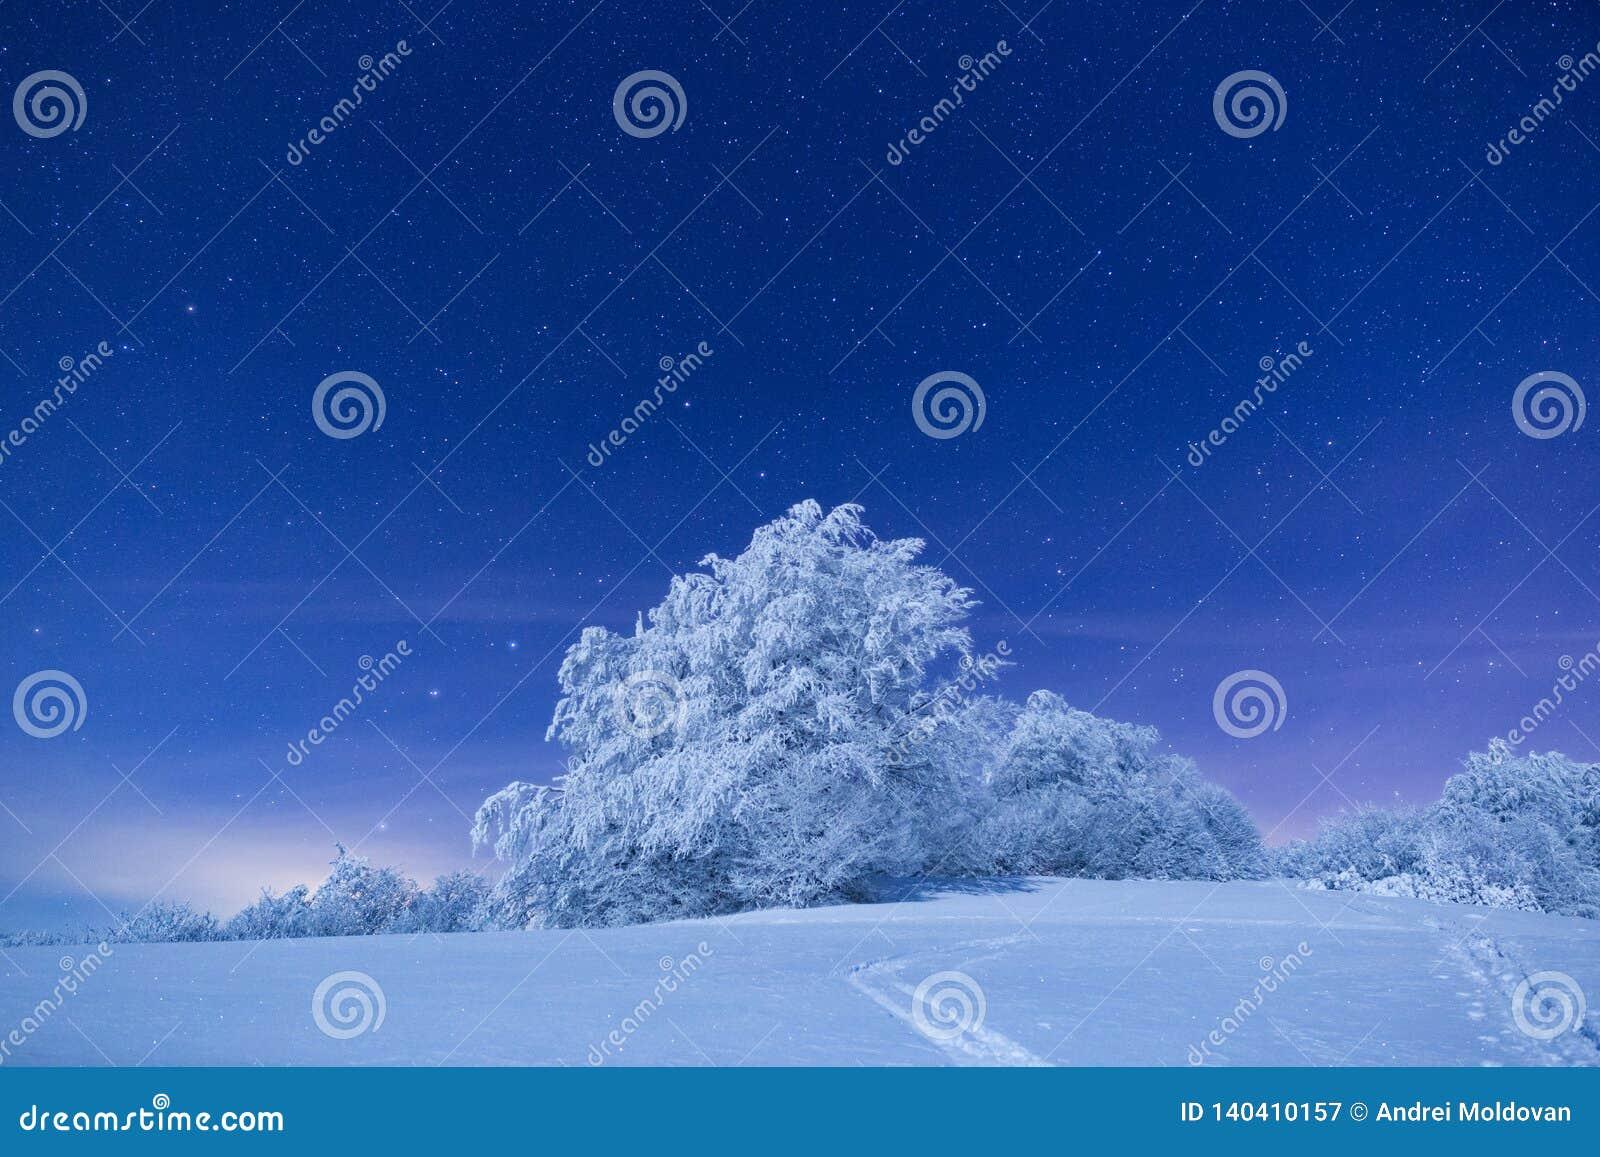 La observación de un bosque en invierno durante la noche es una de la cosa más hermosa que una puede hacer en las montañas